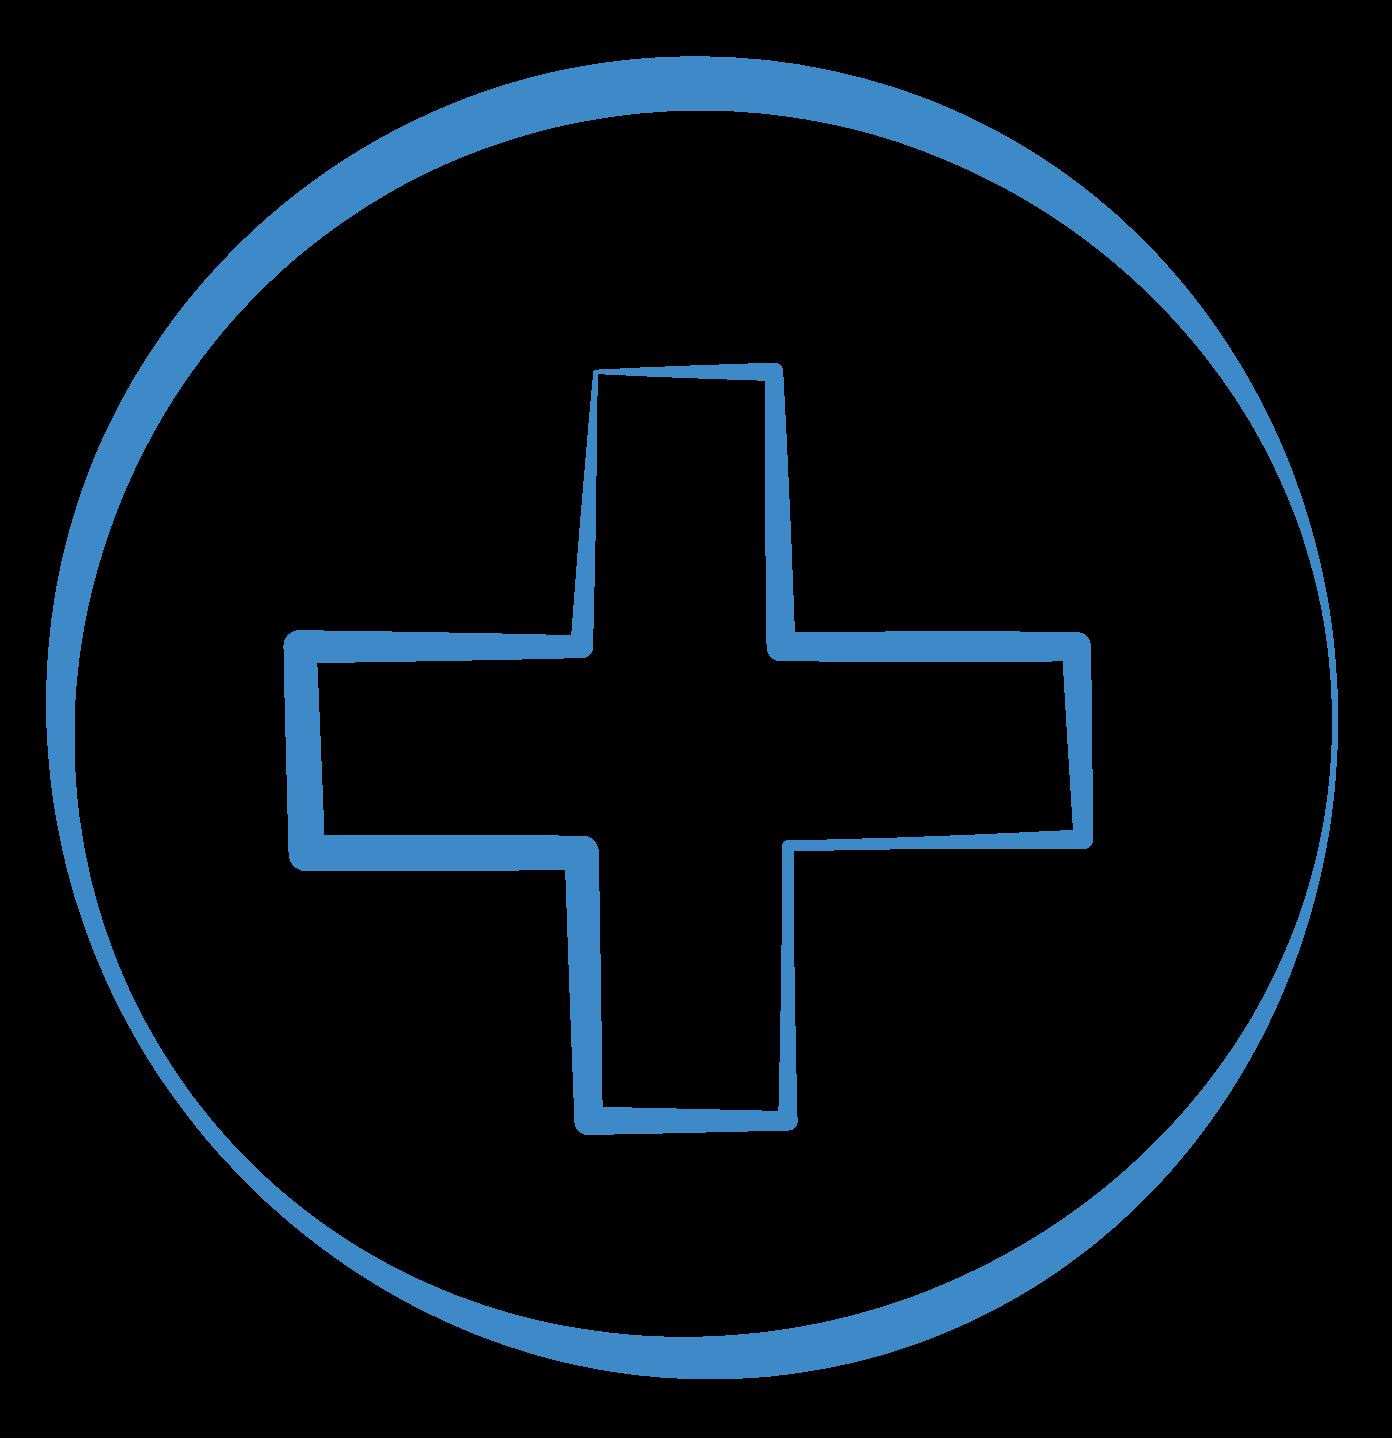 health circle-07.png